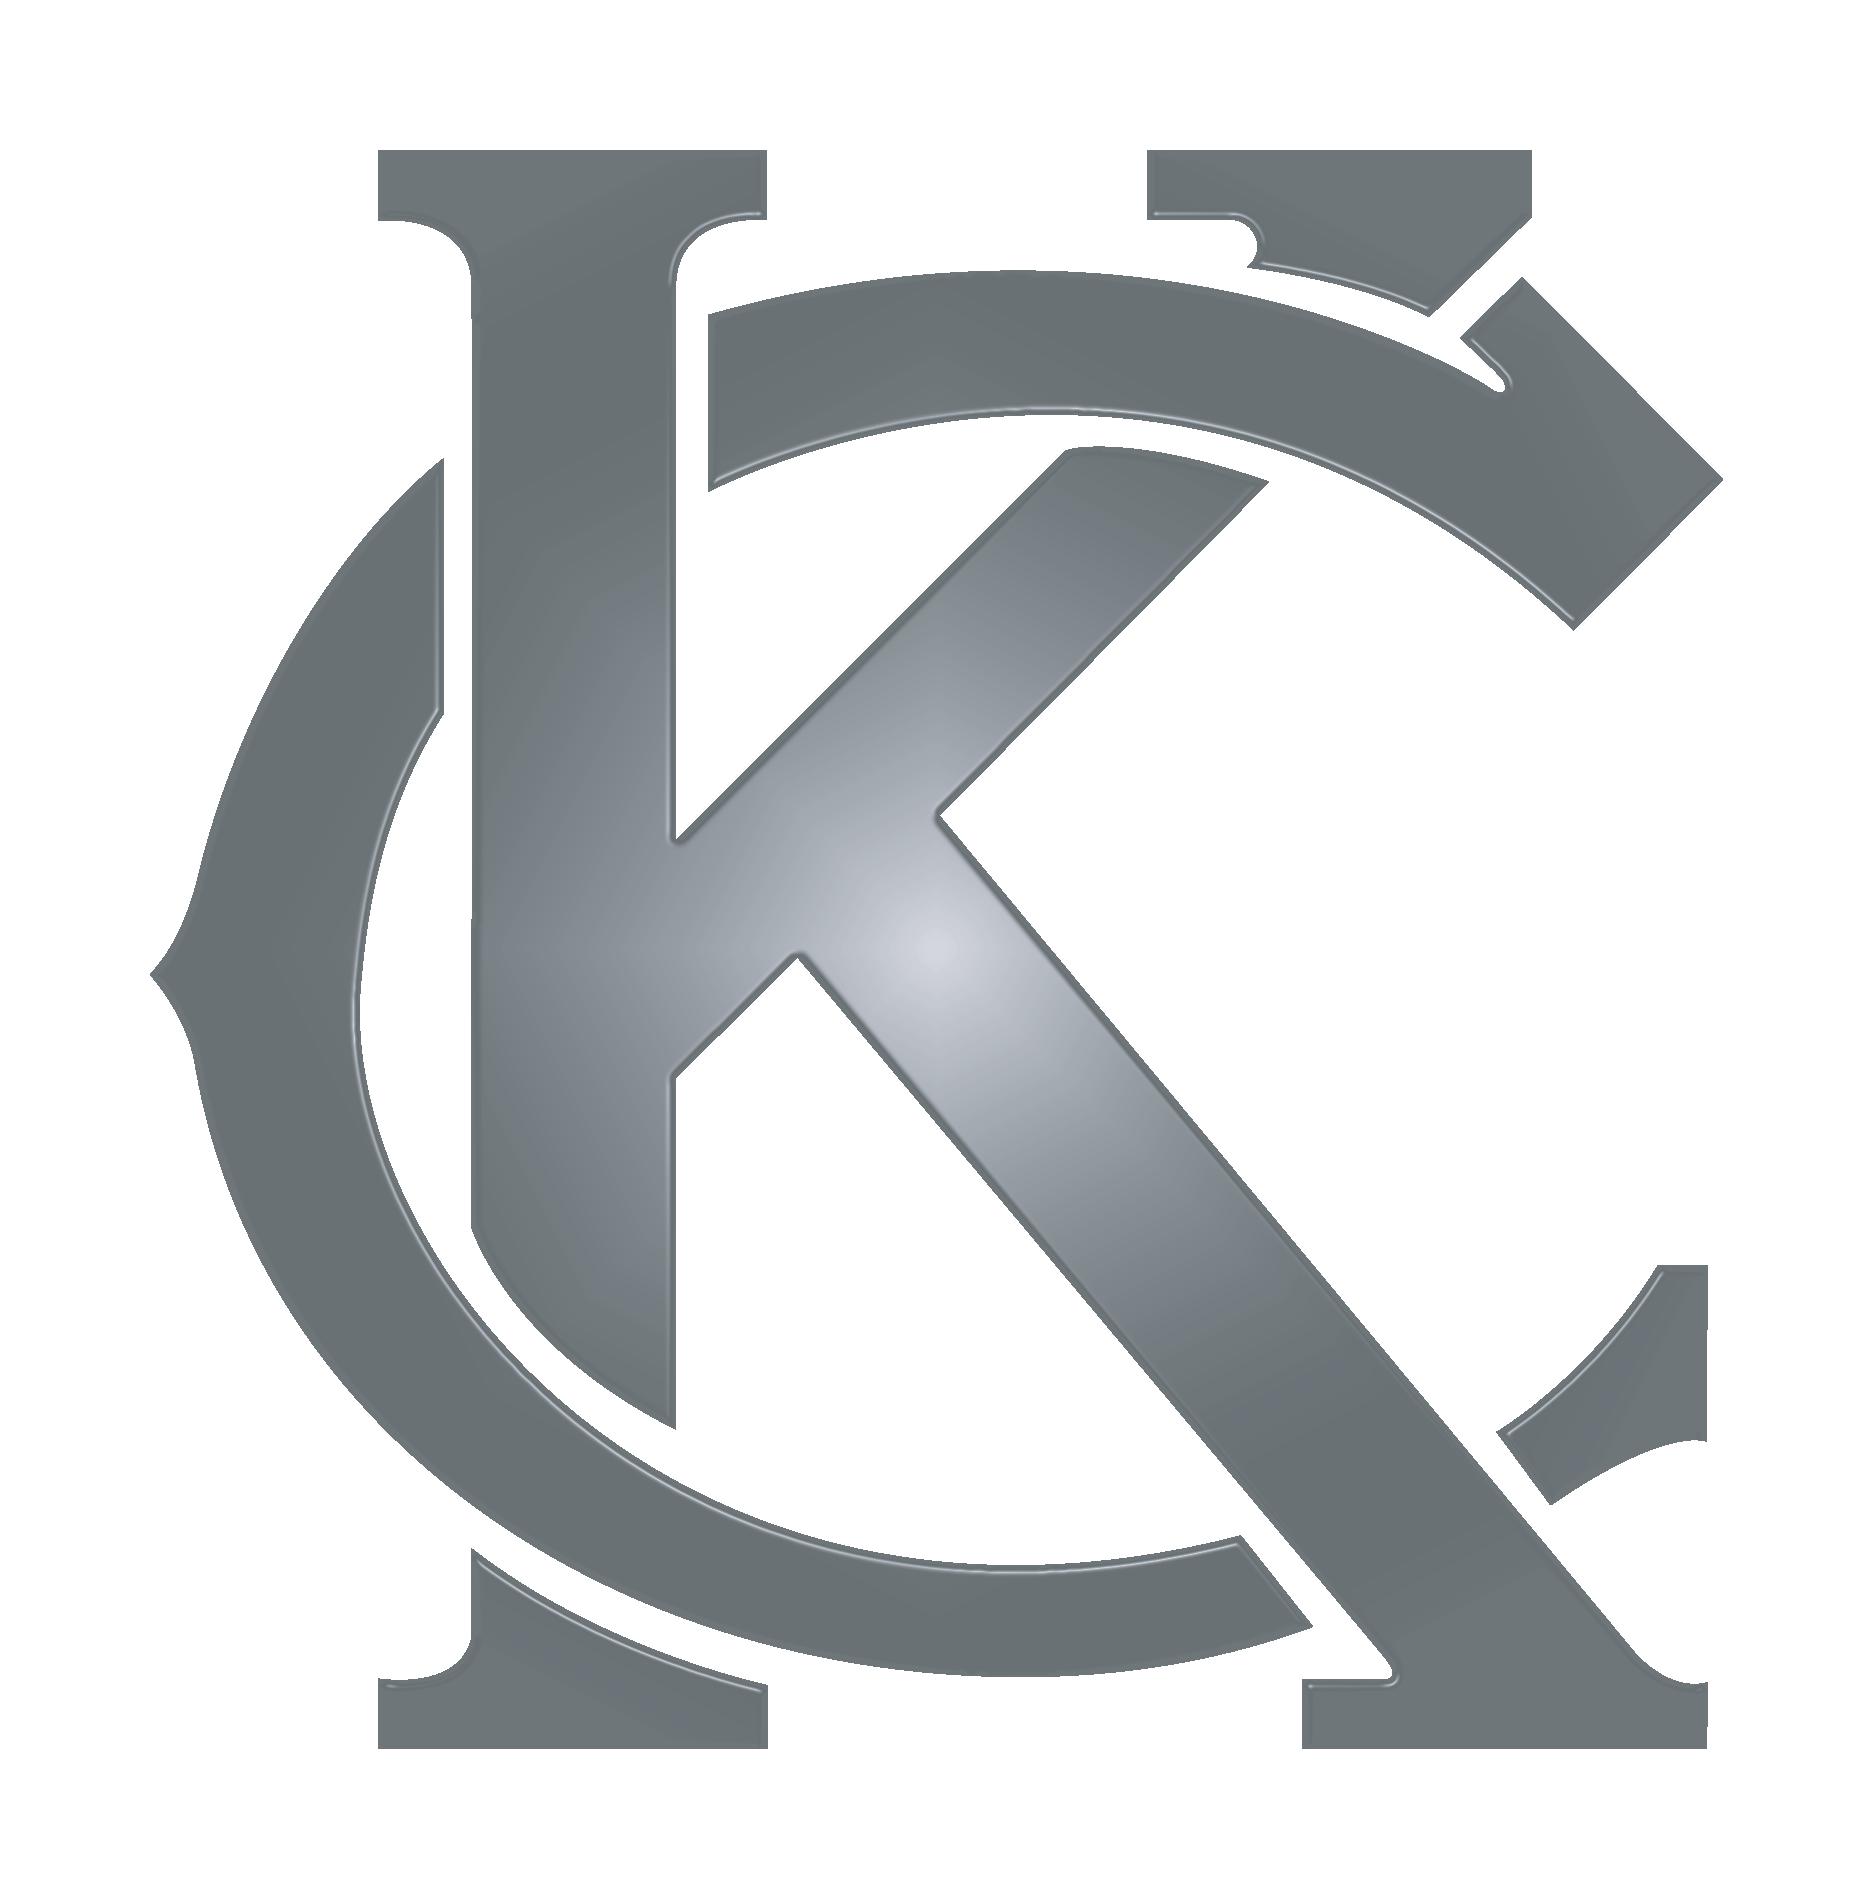 kc-logo-wrap